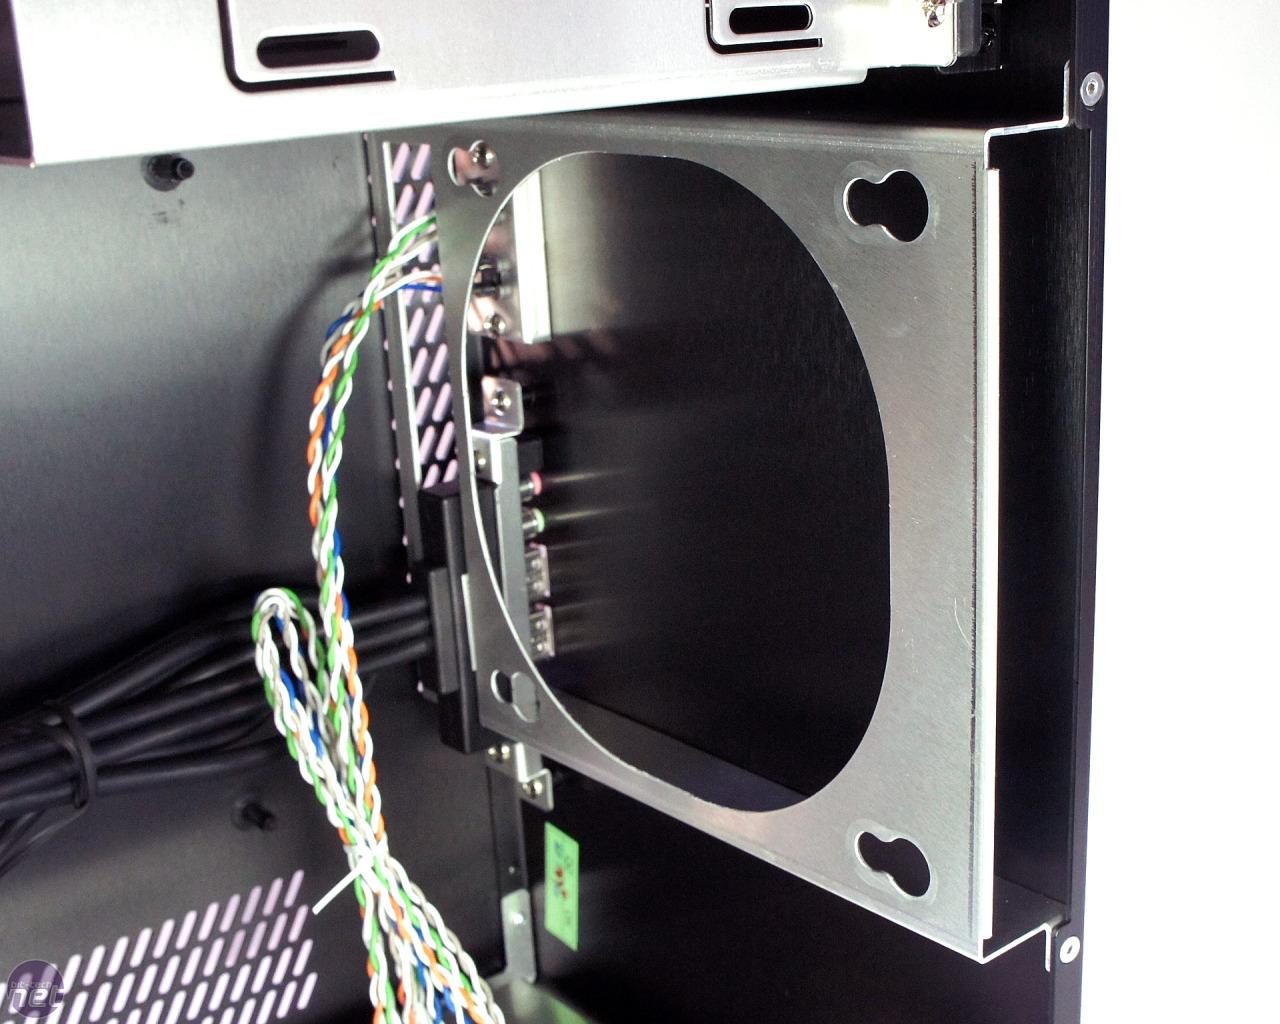 Lian Li Pc Q11 Review Bit Tech Net